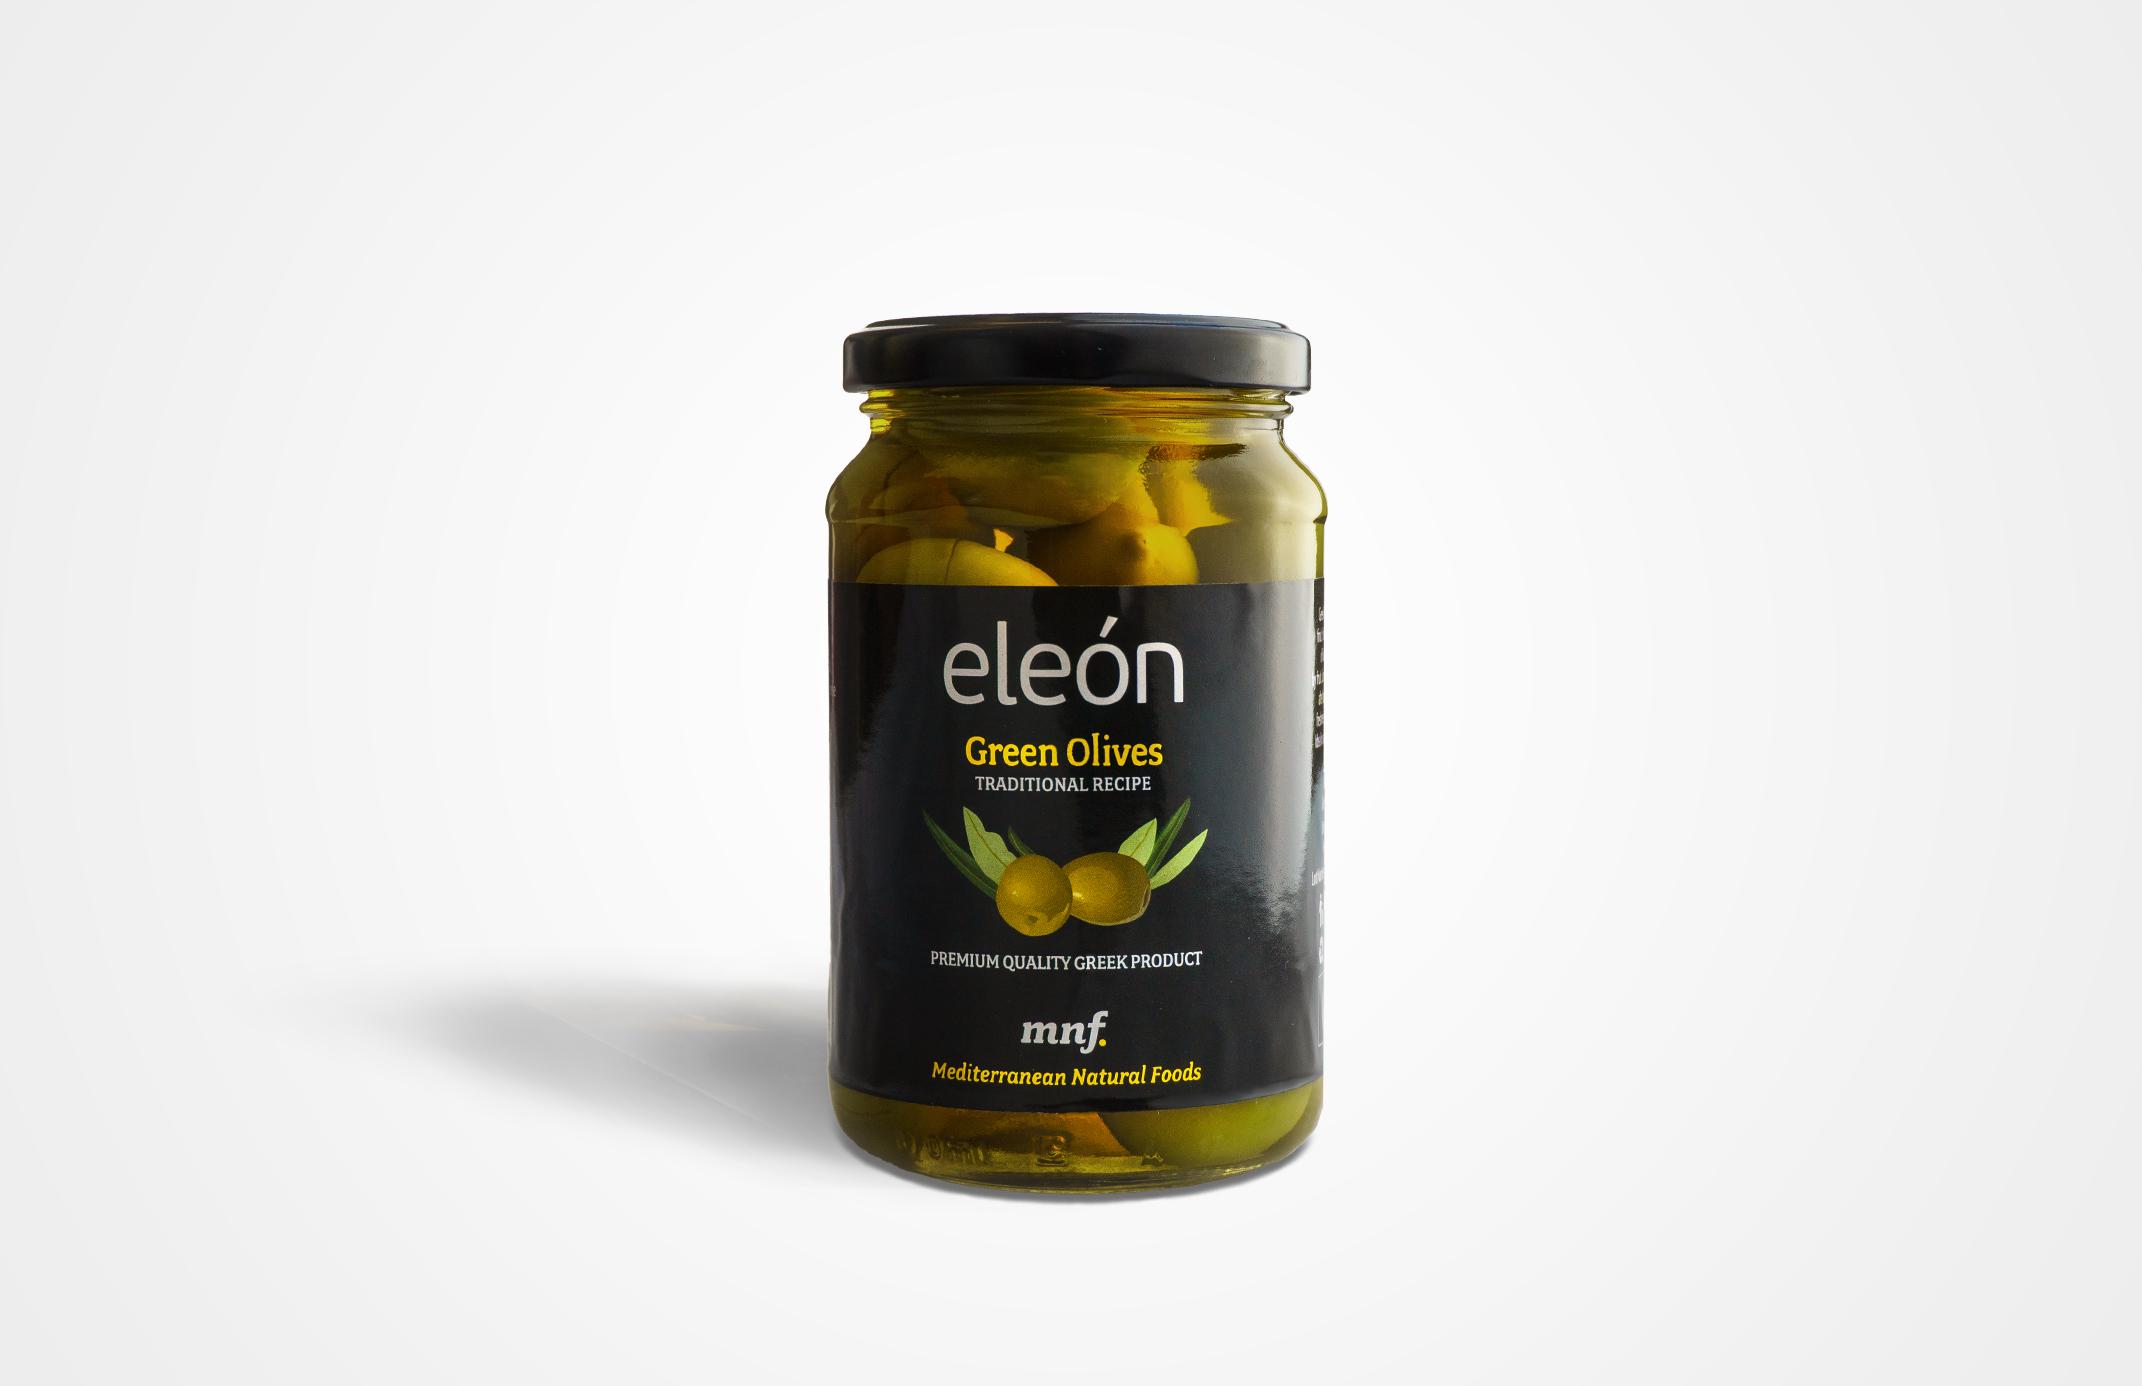 Eleon Green Olives1.jpg